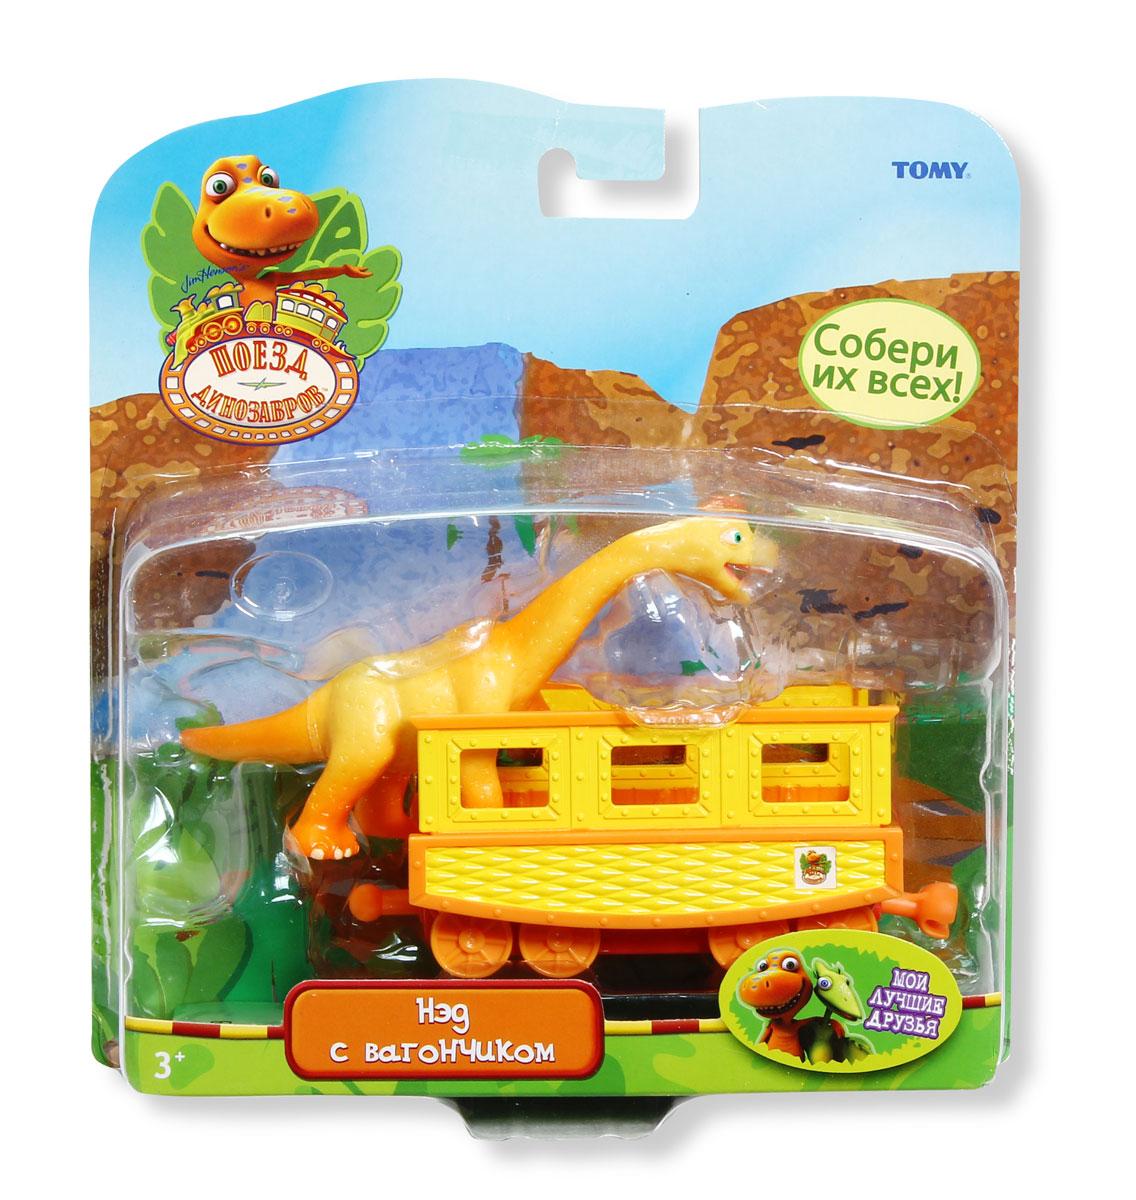 Игровой набор Tomy Поезд Динозавров: Нэд с вагончикомТ57084Игровой набор Tomy Поезд Динозавров: Нэд с вагончиком приведет в восторг вашего ребенка. Набор выполнен из яркого пластика и включает оранжево-желтый вагончик с окошками и фигурку в виде динозавра Нэда - персонажа мультсериала Поезд Динозавров. Колесики вагончика крутятся; малыш сможет катать в нем динозаврика. С помощью сцепок с обеих сторон вагончик подсоединяется к другим вагончикам этой серии, образуя веселый поезд динозавров! Ребенок с удовольствием будет играть с этим набором, воспроизводя сценки из мультсериала или придумывая свои увлекательные истории. Порадуйте его таким замечательным подарком!